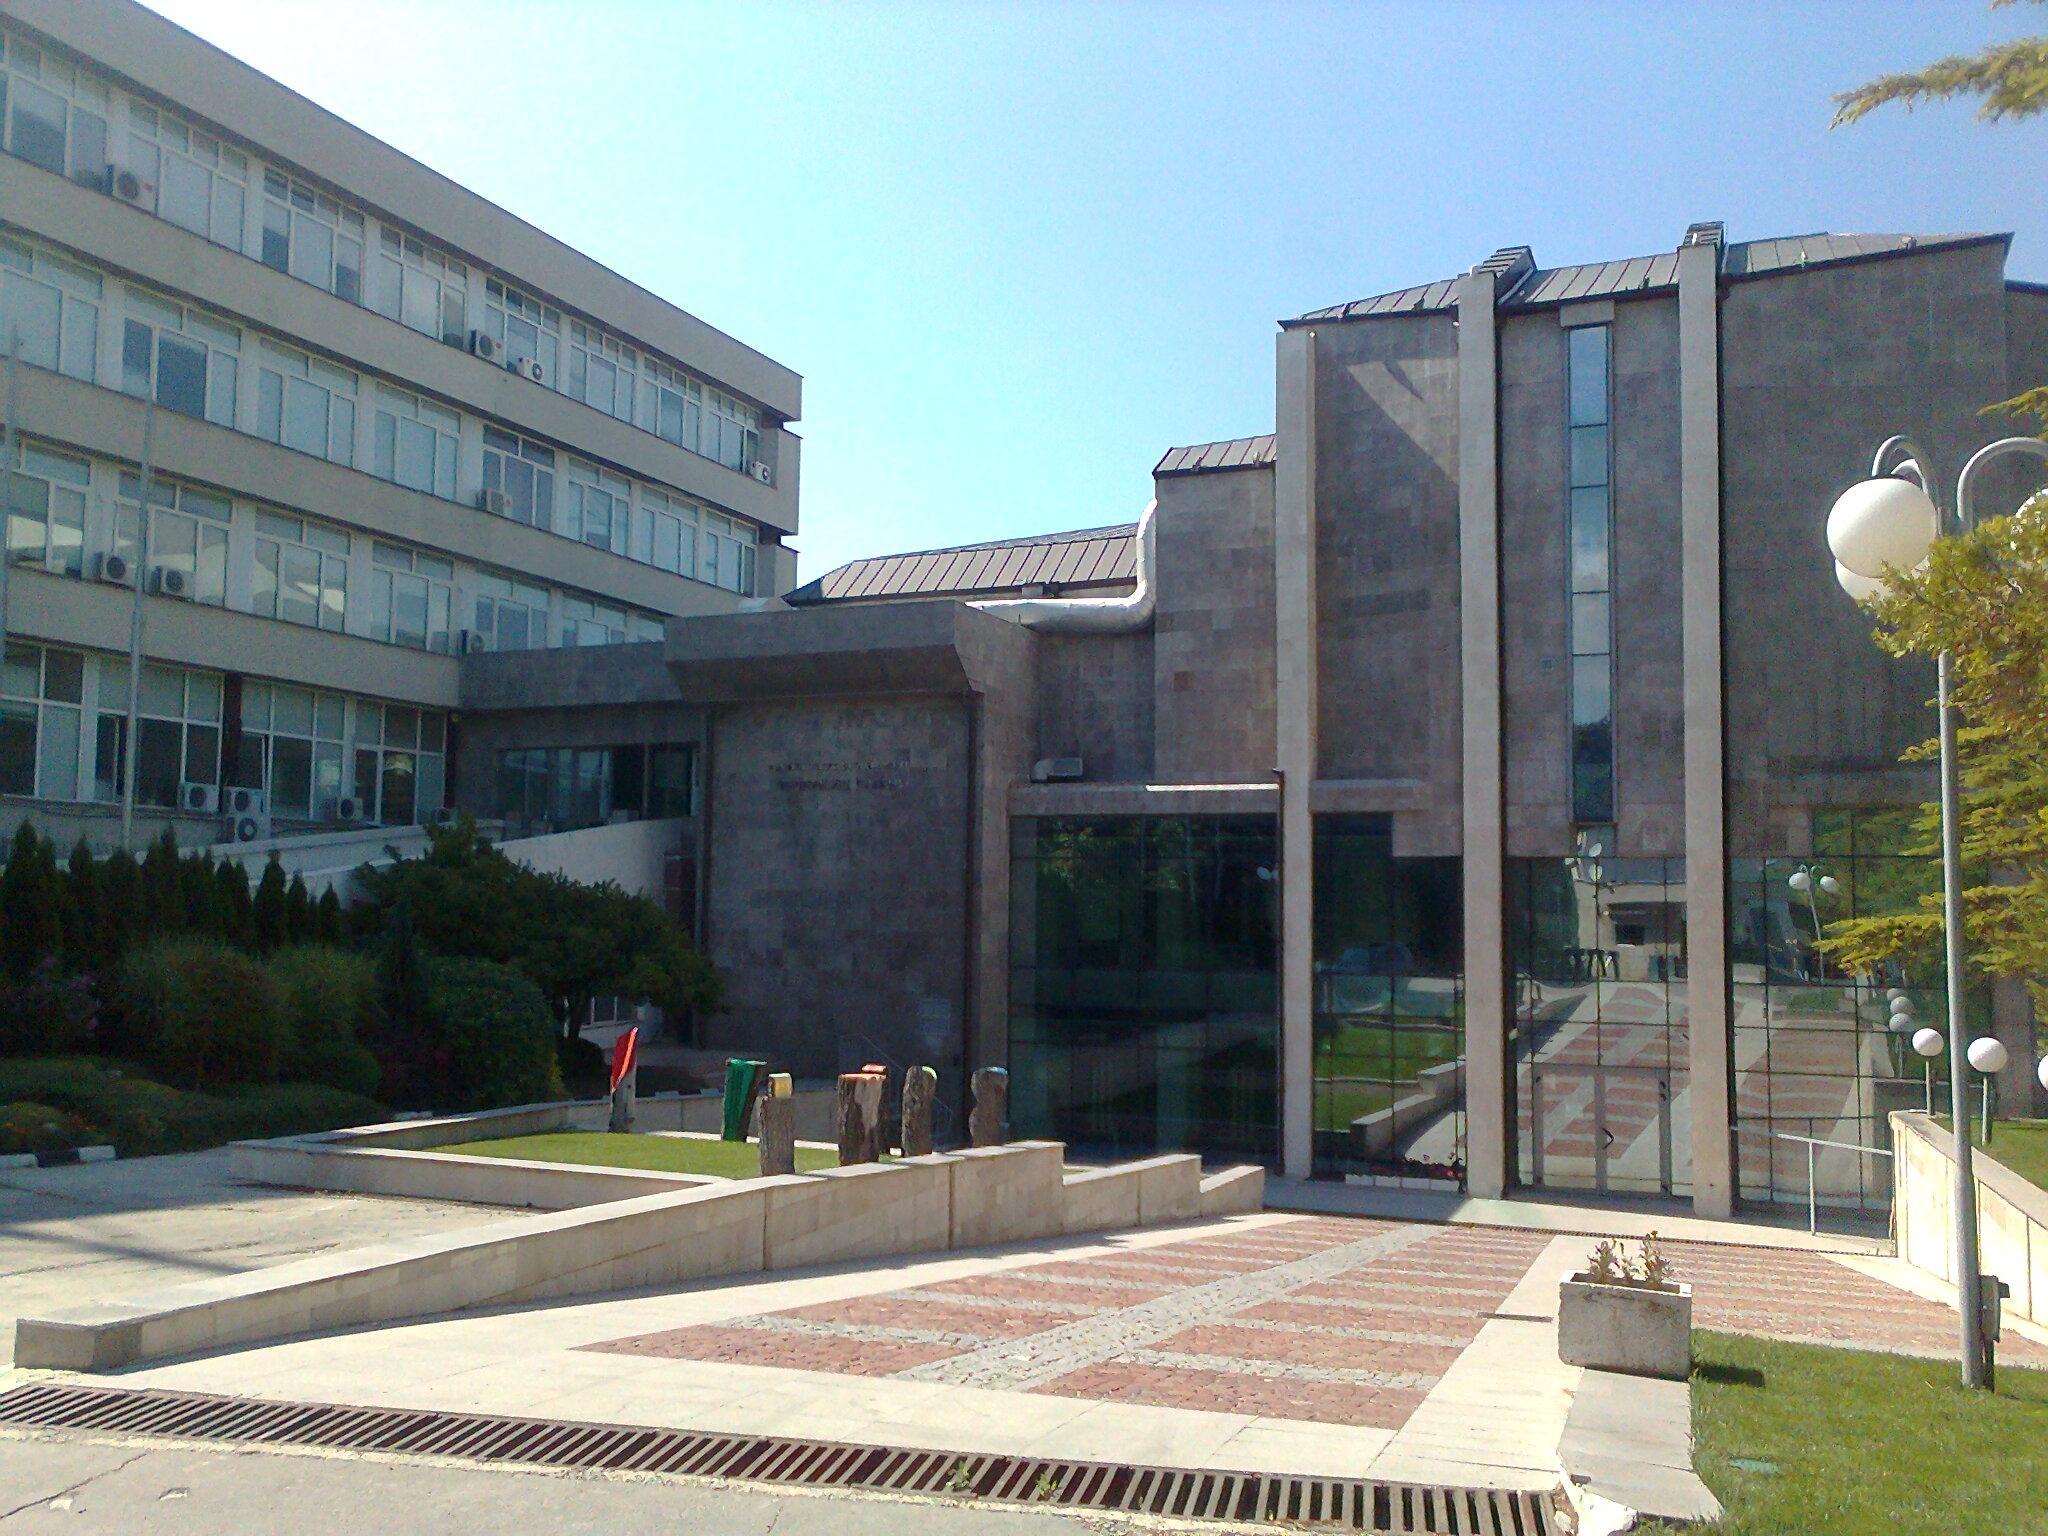 Представители на Норвежкото бизнес училище пристигат на работнопосещение във Варненския свободен университет